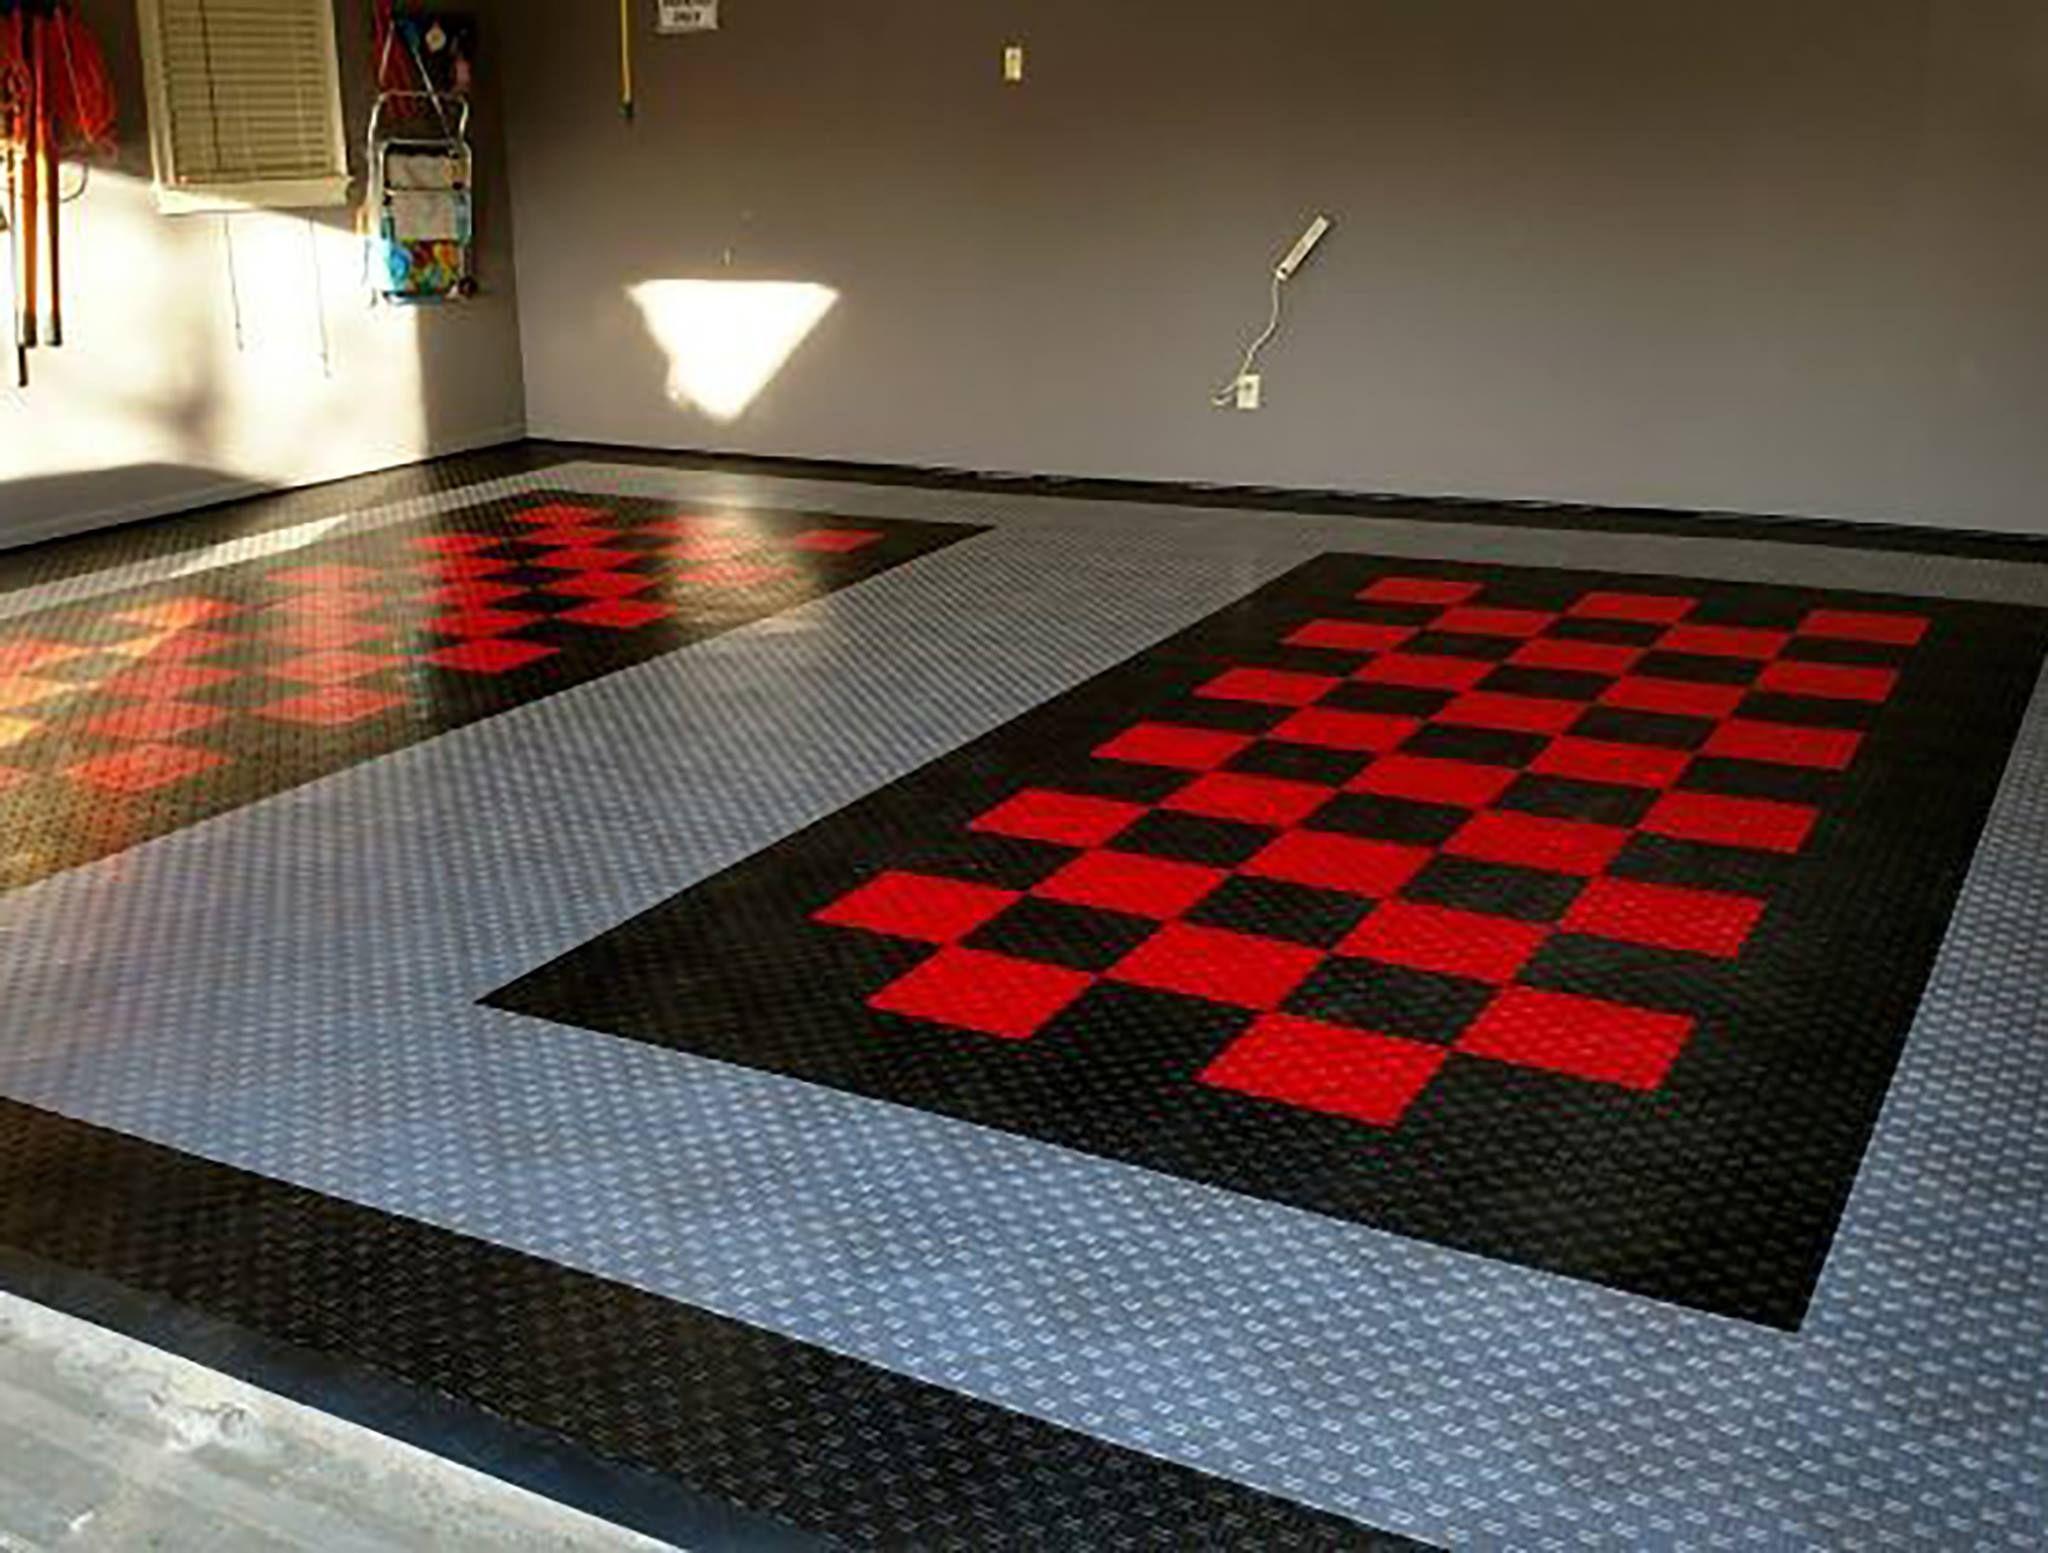 Garage Floor Tiles American Made Truelock Hd Racedeck Tile In 2020 Garage Floor Tiles Tile Floor Flooring